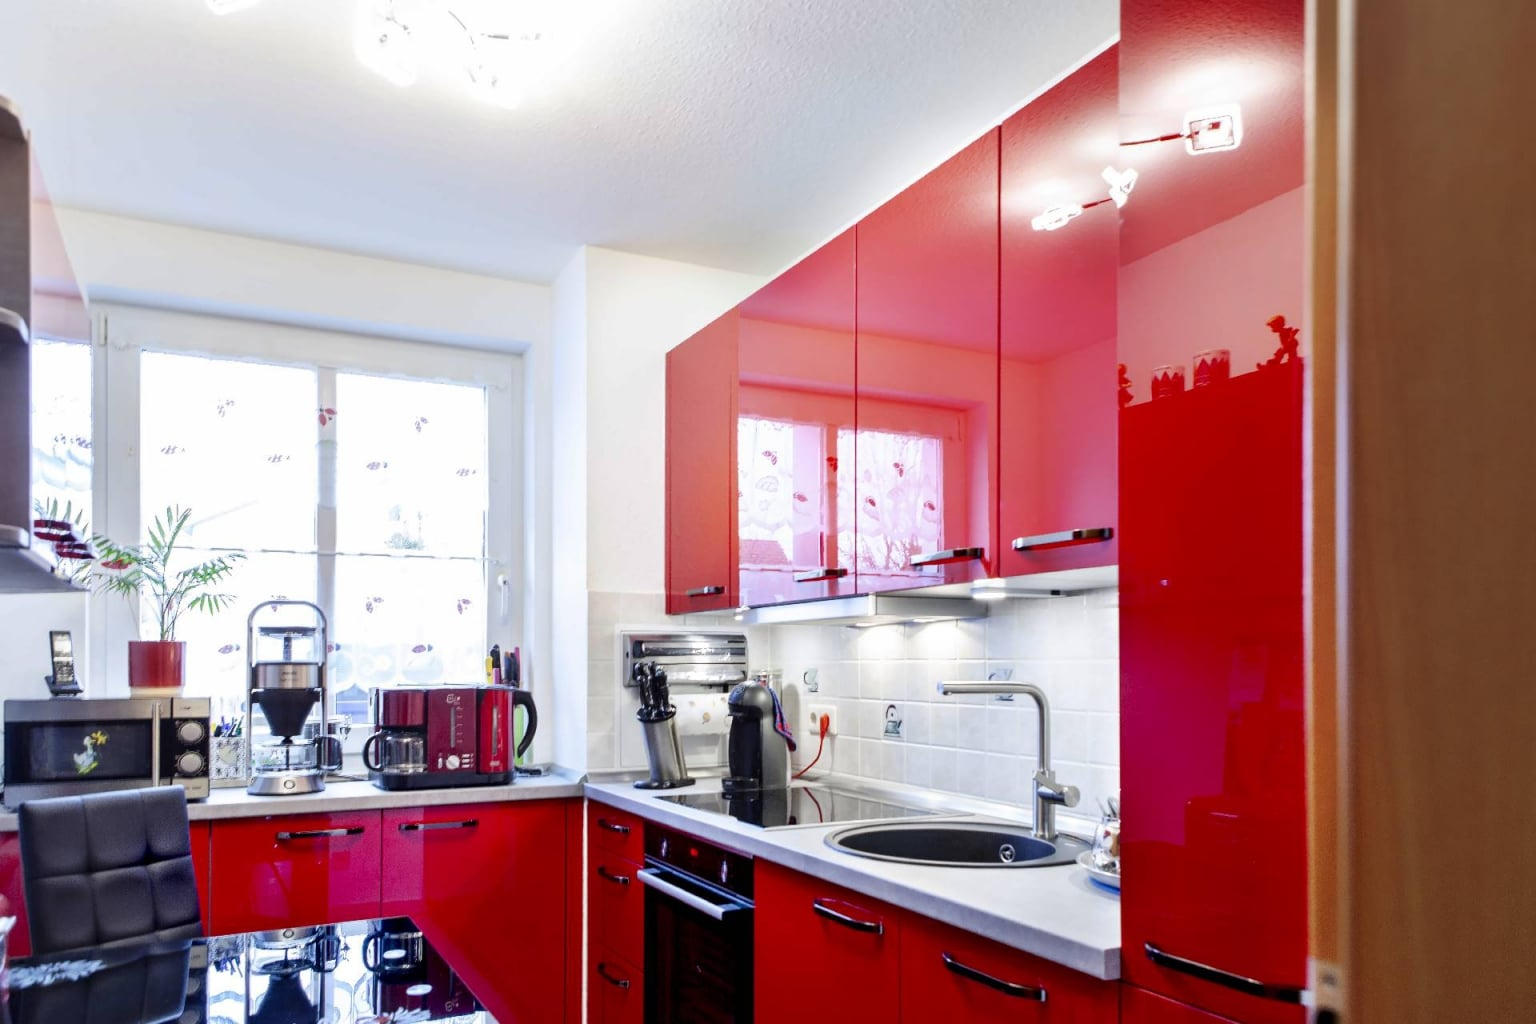 Hochglanz Küche in Echtlack Kirschrot (4)